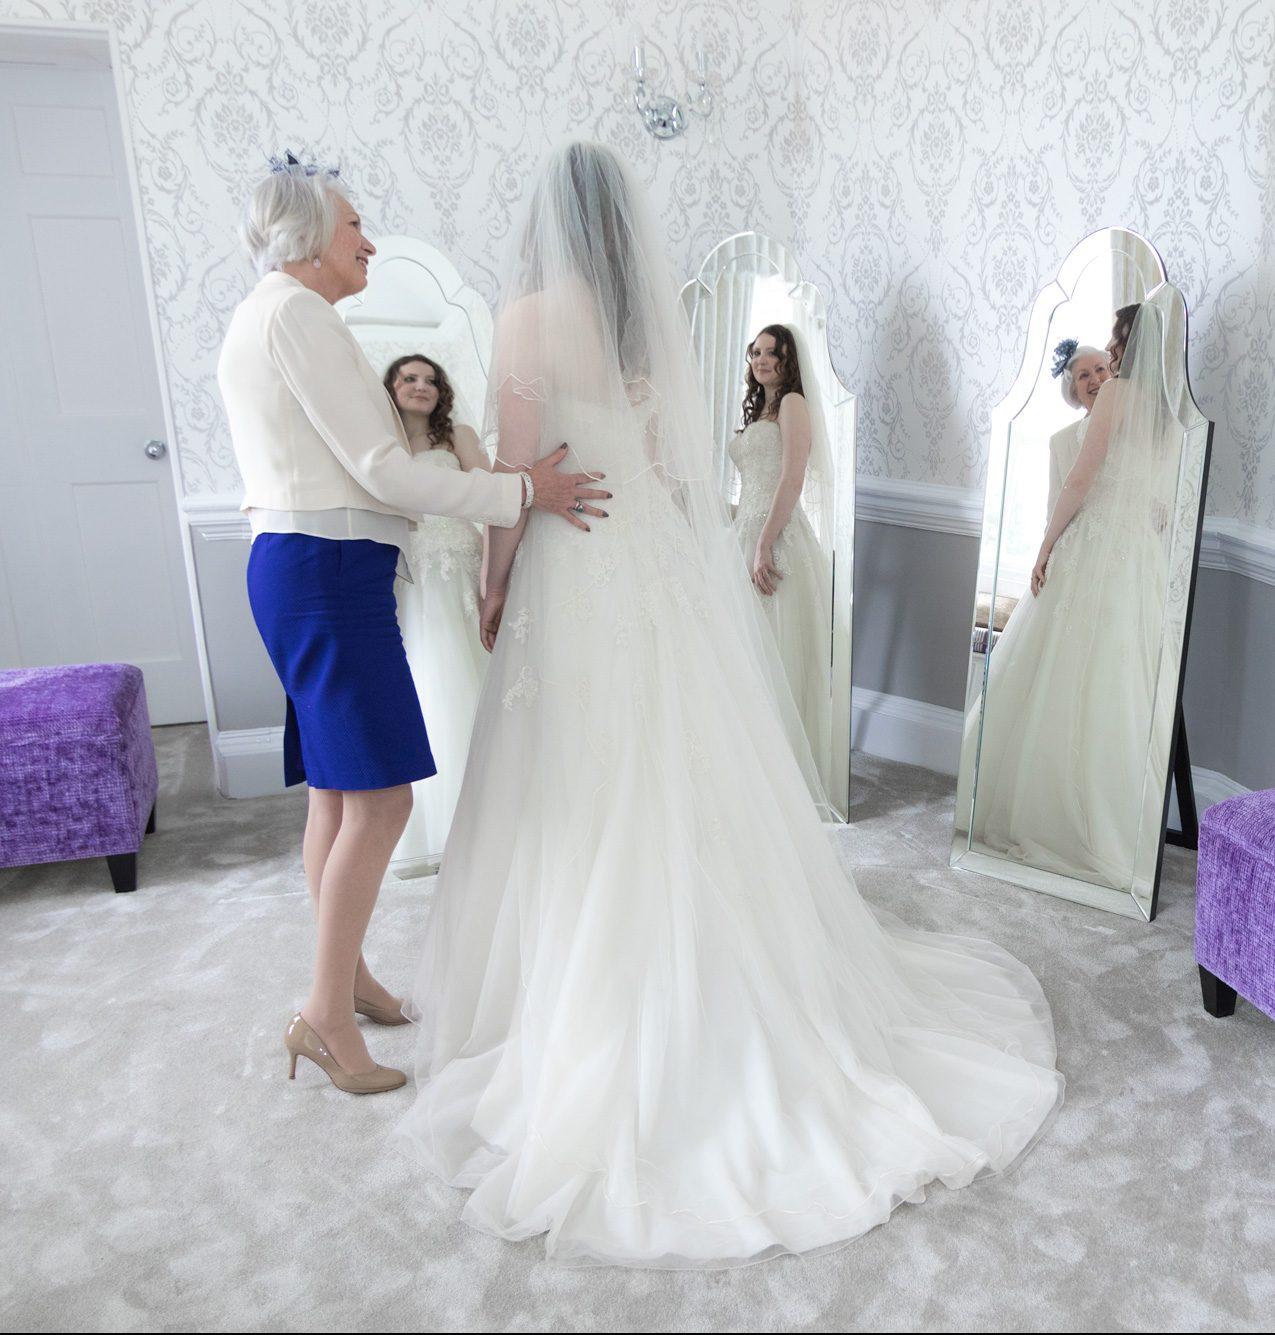 Bridal-Room-Post-Transition